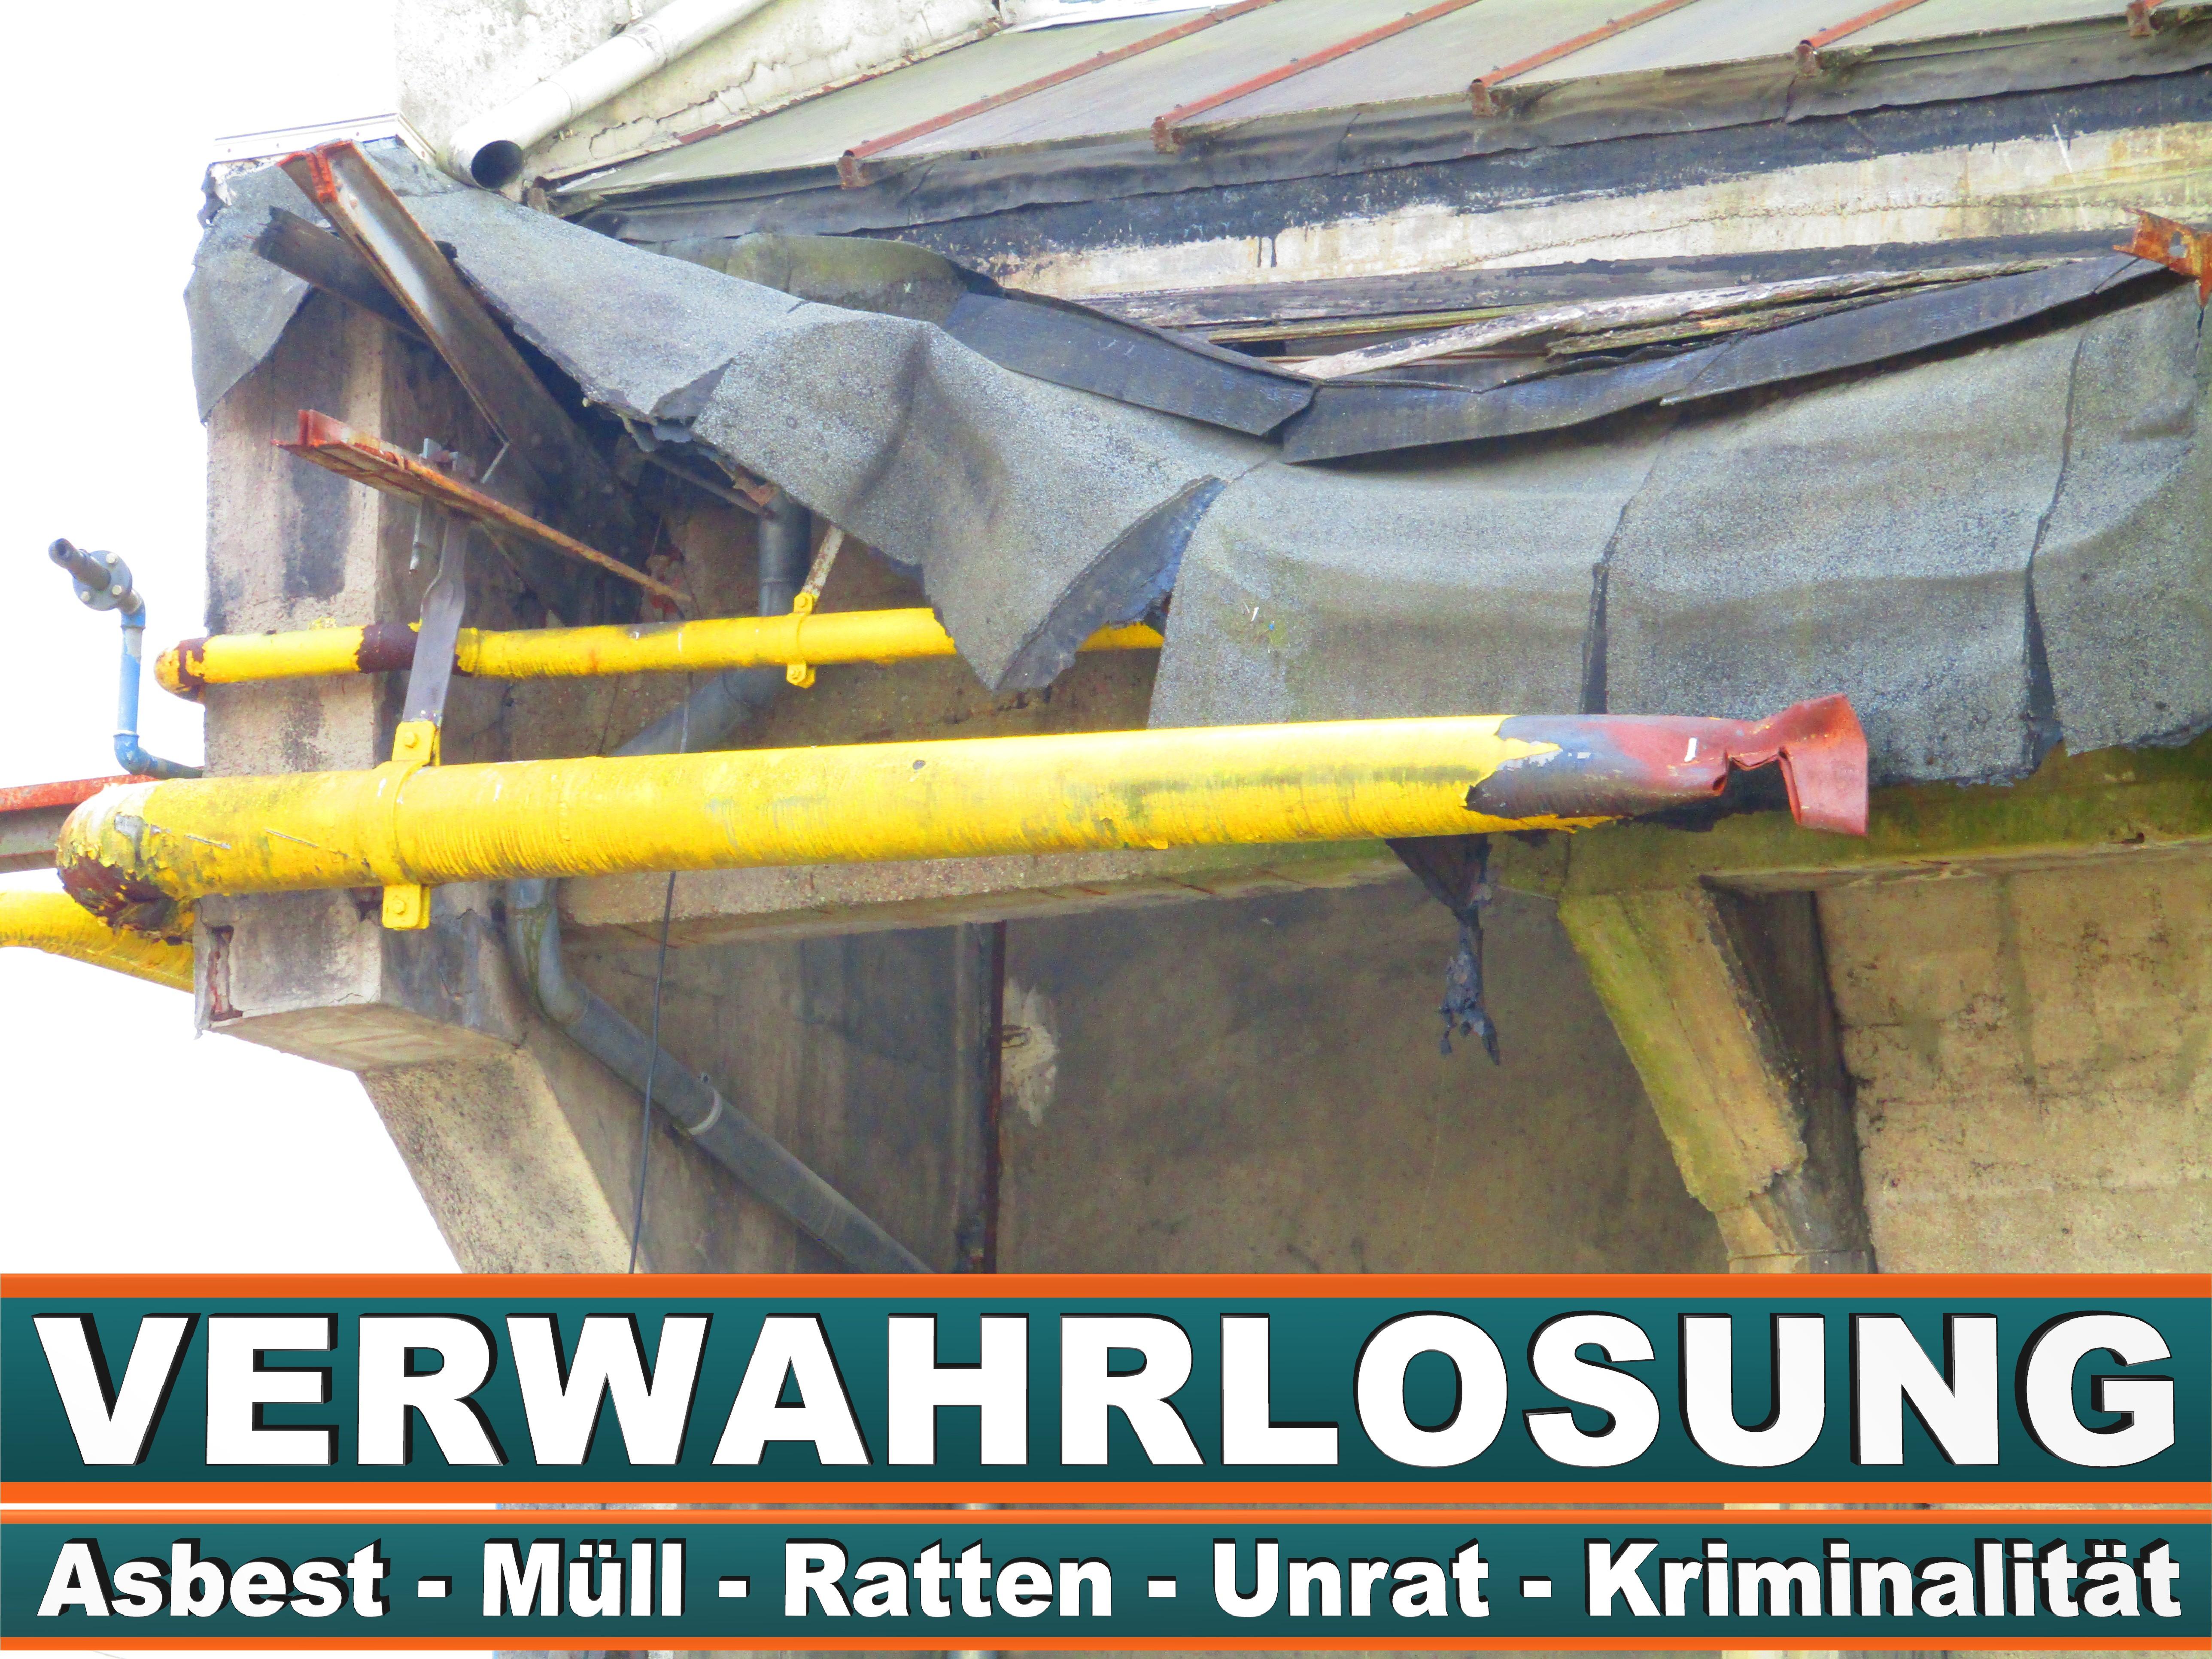 DALLMANN ELEKTRO UND REGELUNGSTECHNIK DETLEF DALLMANN HäNDELSTR 13 GüTERSLOH